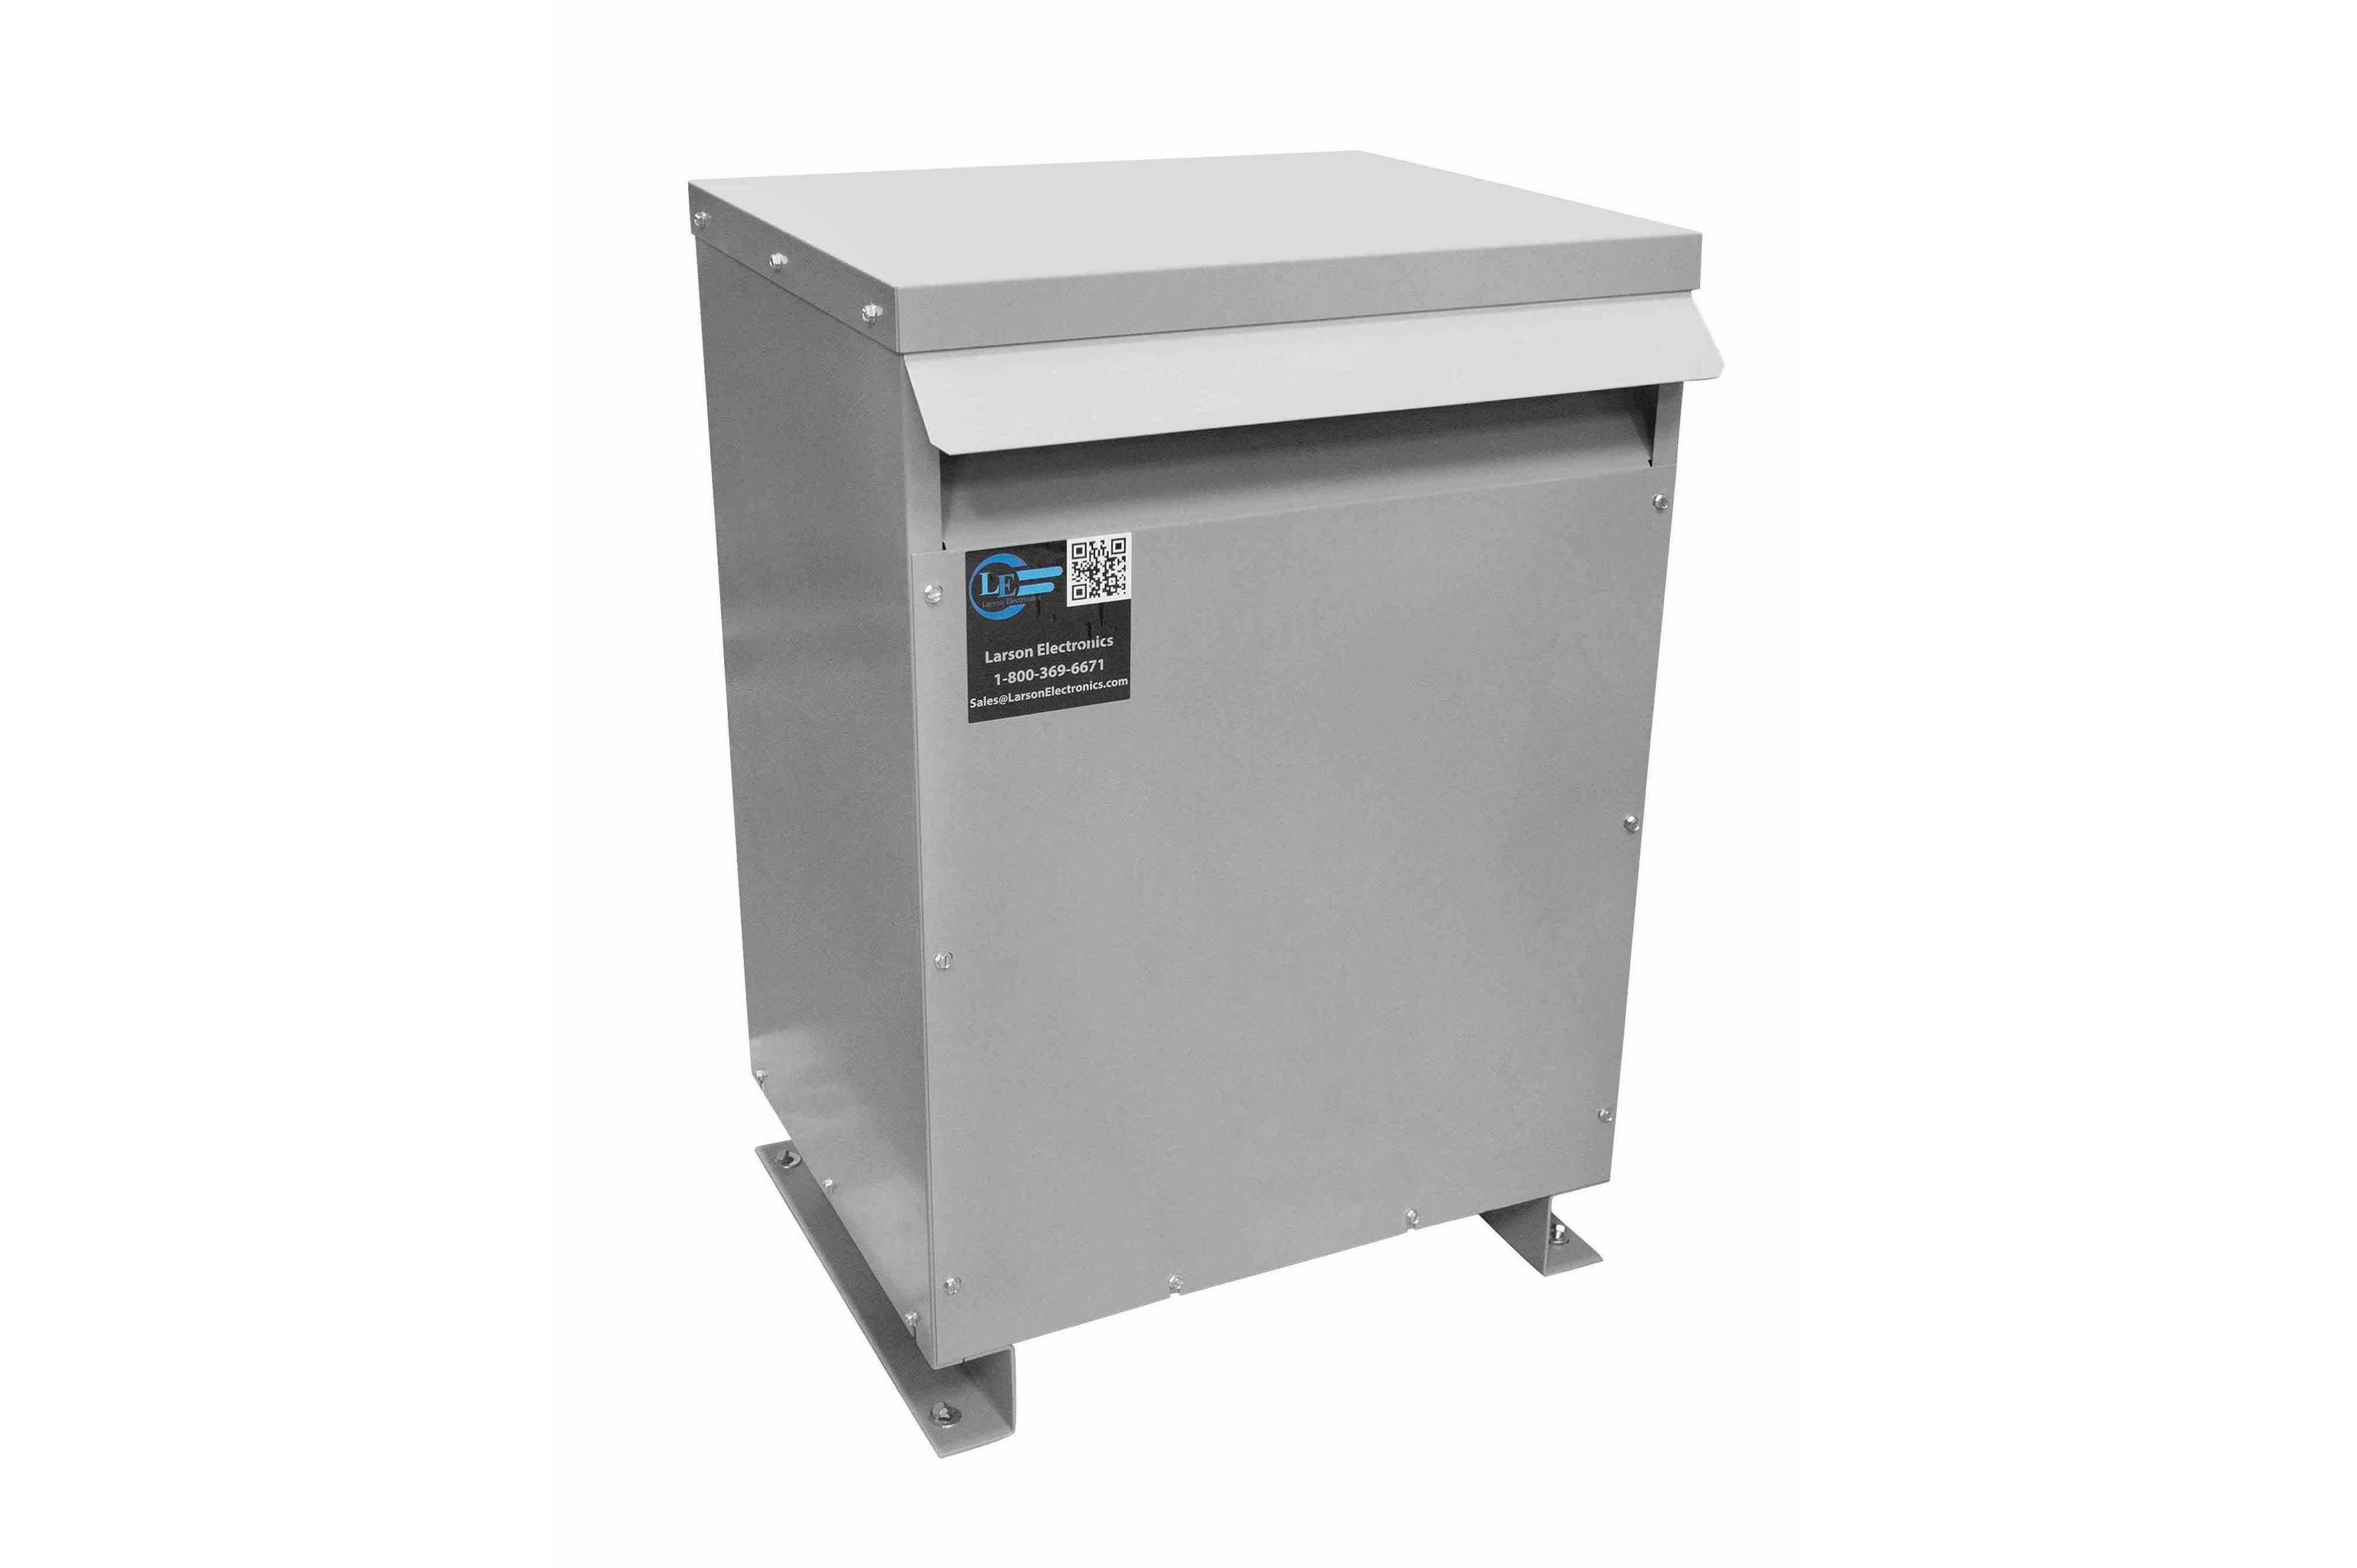 27 kVA 3PH Isolation Transformer, 208V Delta Primary, 208V Delta Secondary, N3R, Ventilated, 60 Hz